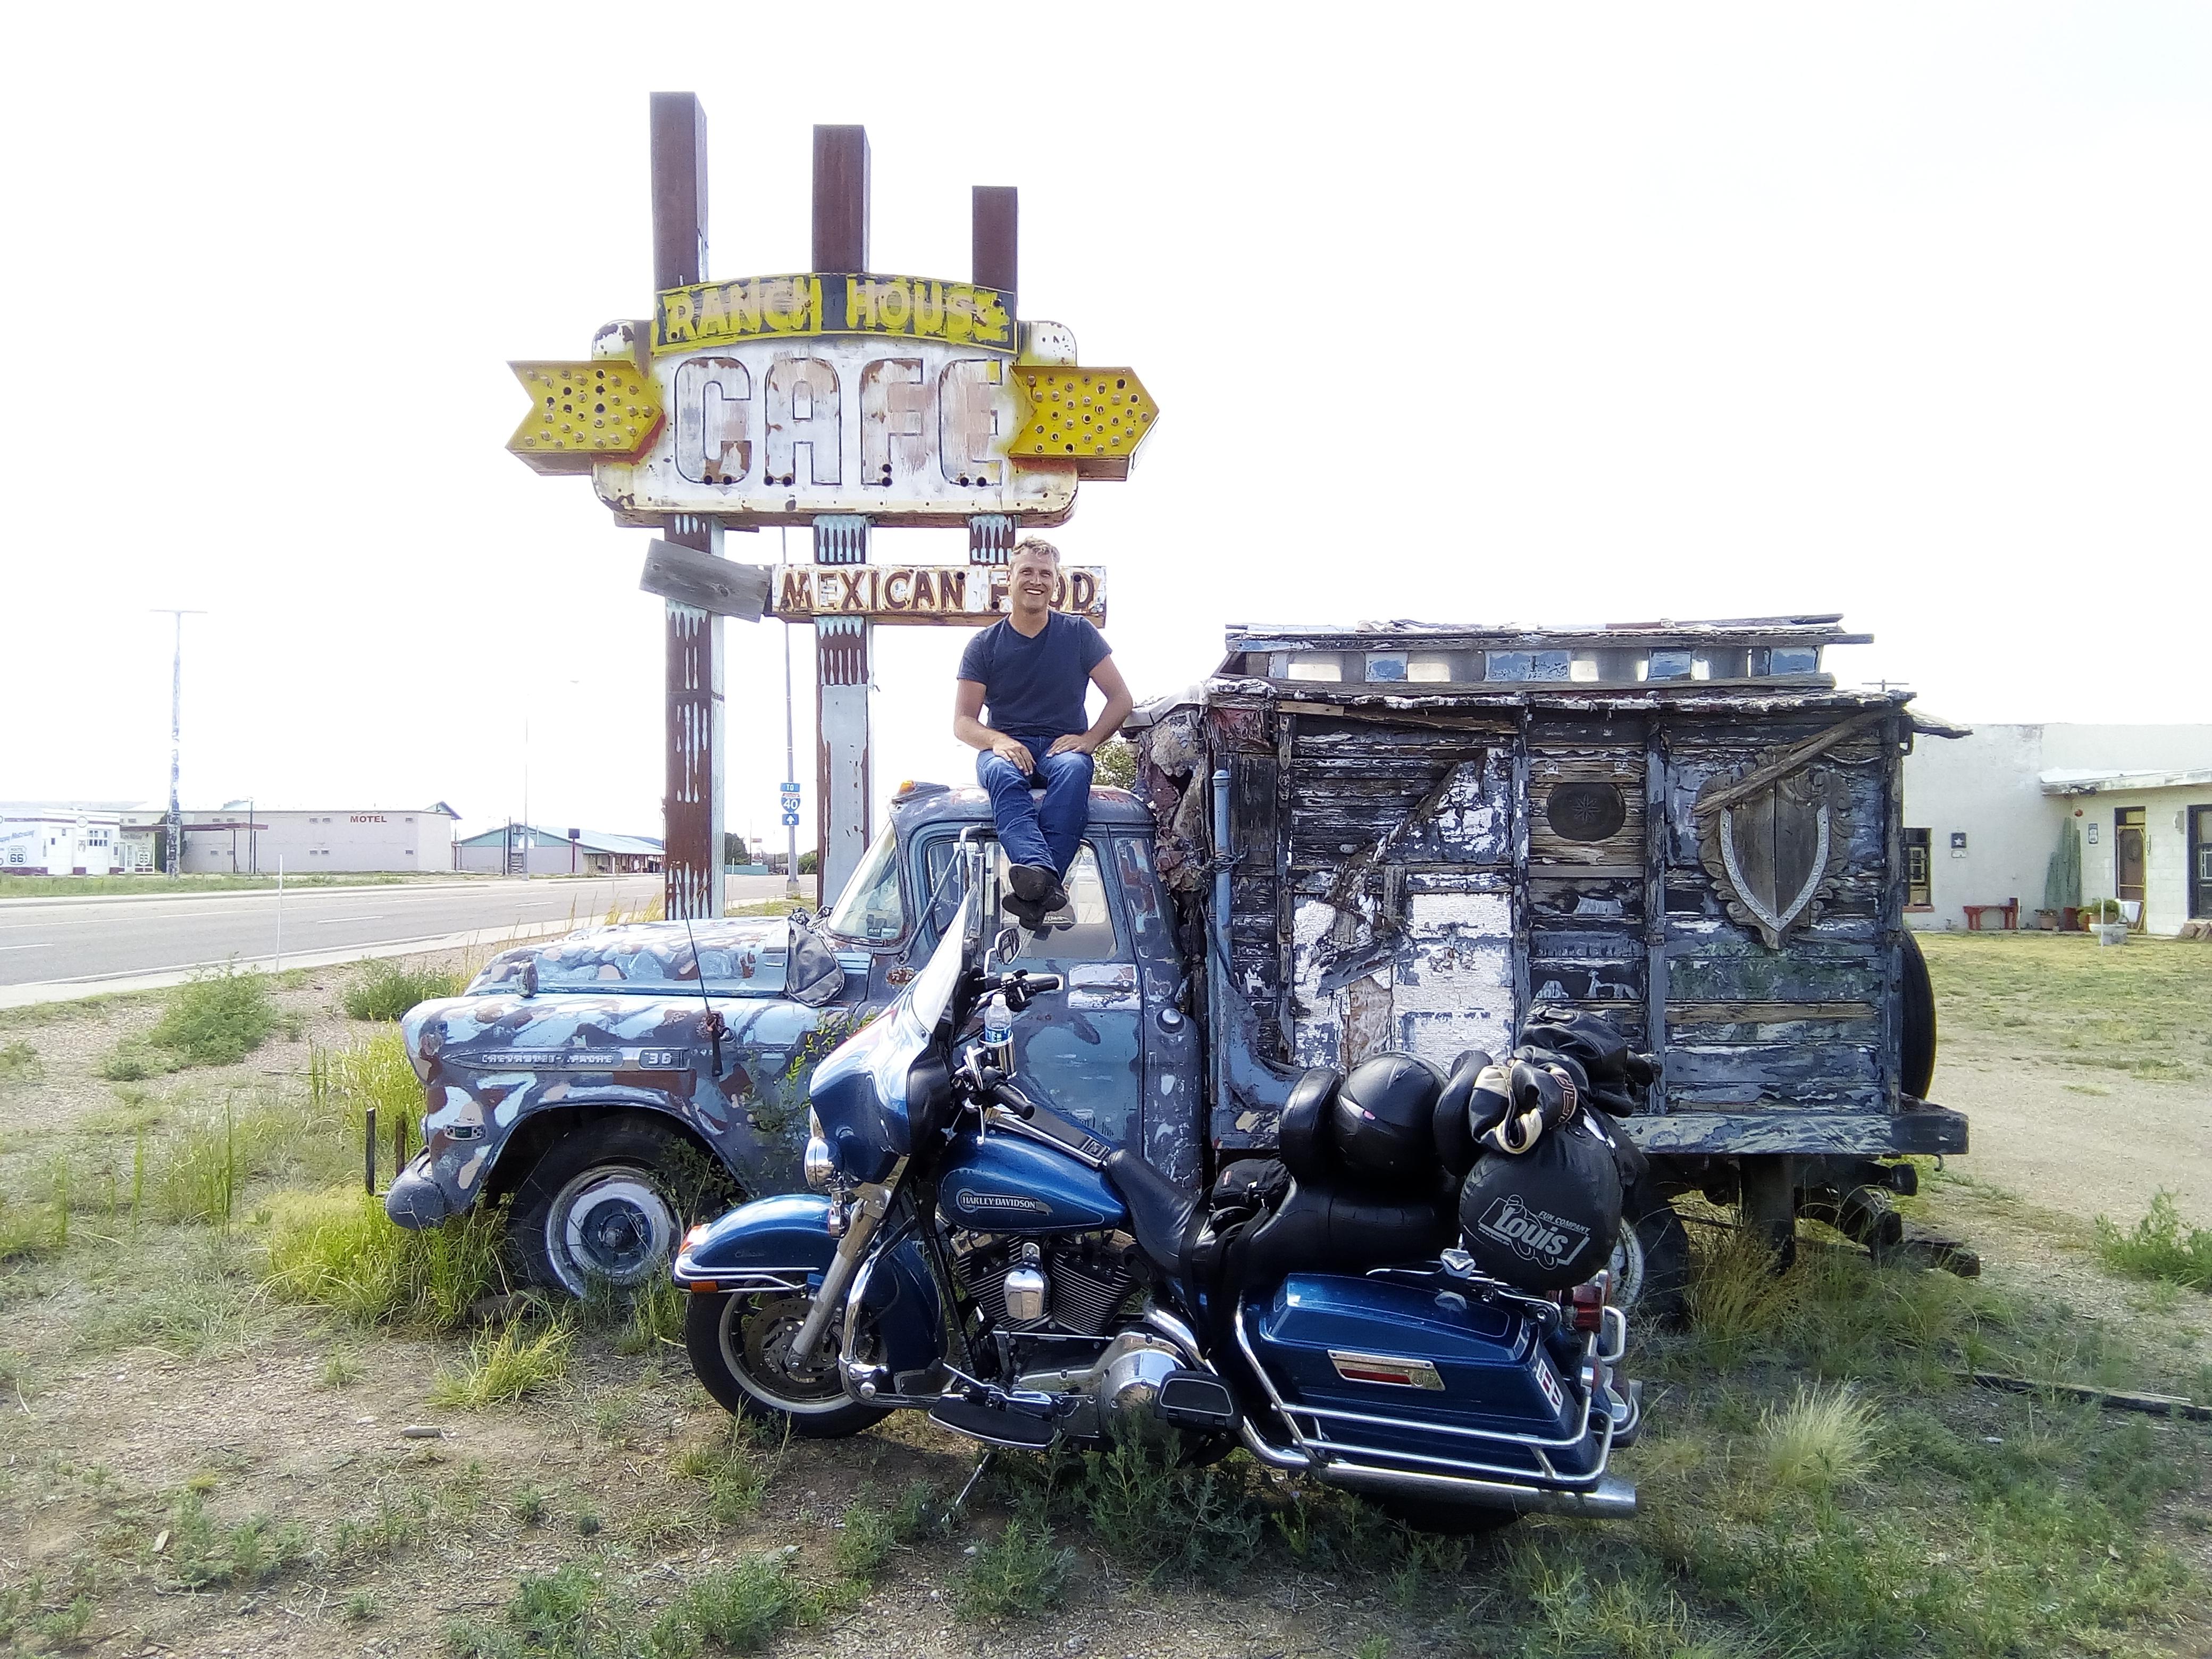 Arthur, guide touristique aux US, souriant sur le toit d'un camion